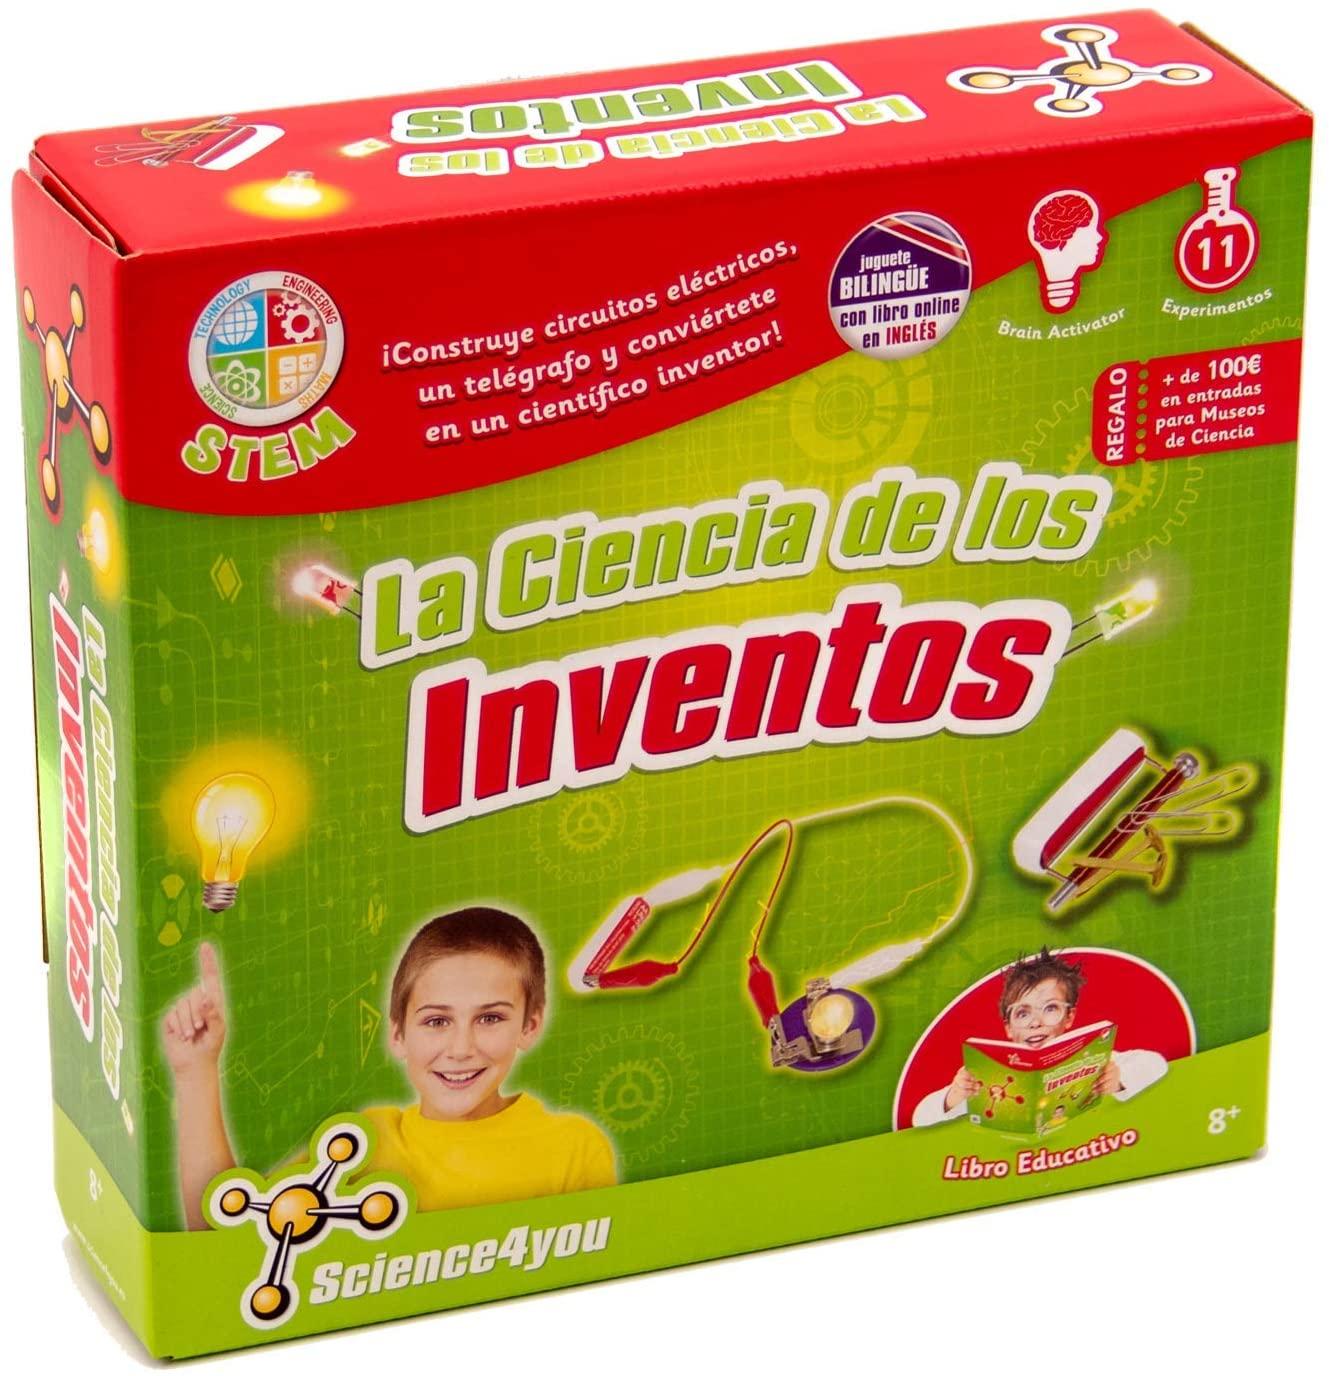 La Ciencia de los inventos solo 4.9€